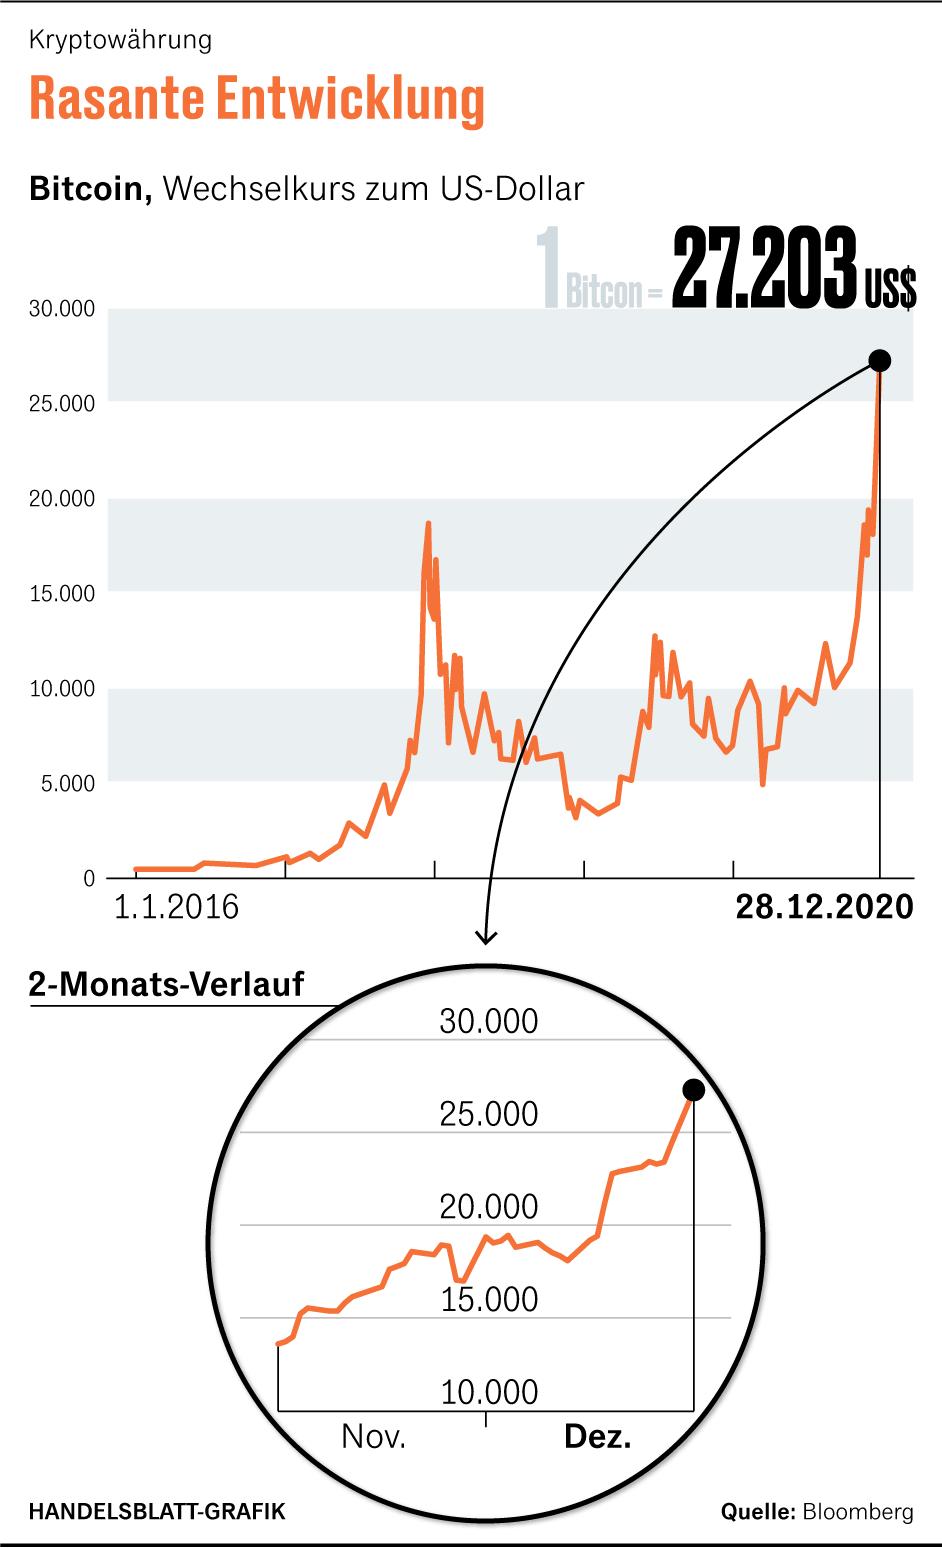 lohnt sich bitcoin 2021 der handel mit binären optionen signalisiert eine kostenlose testversion